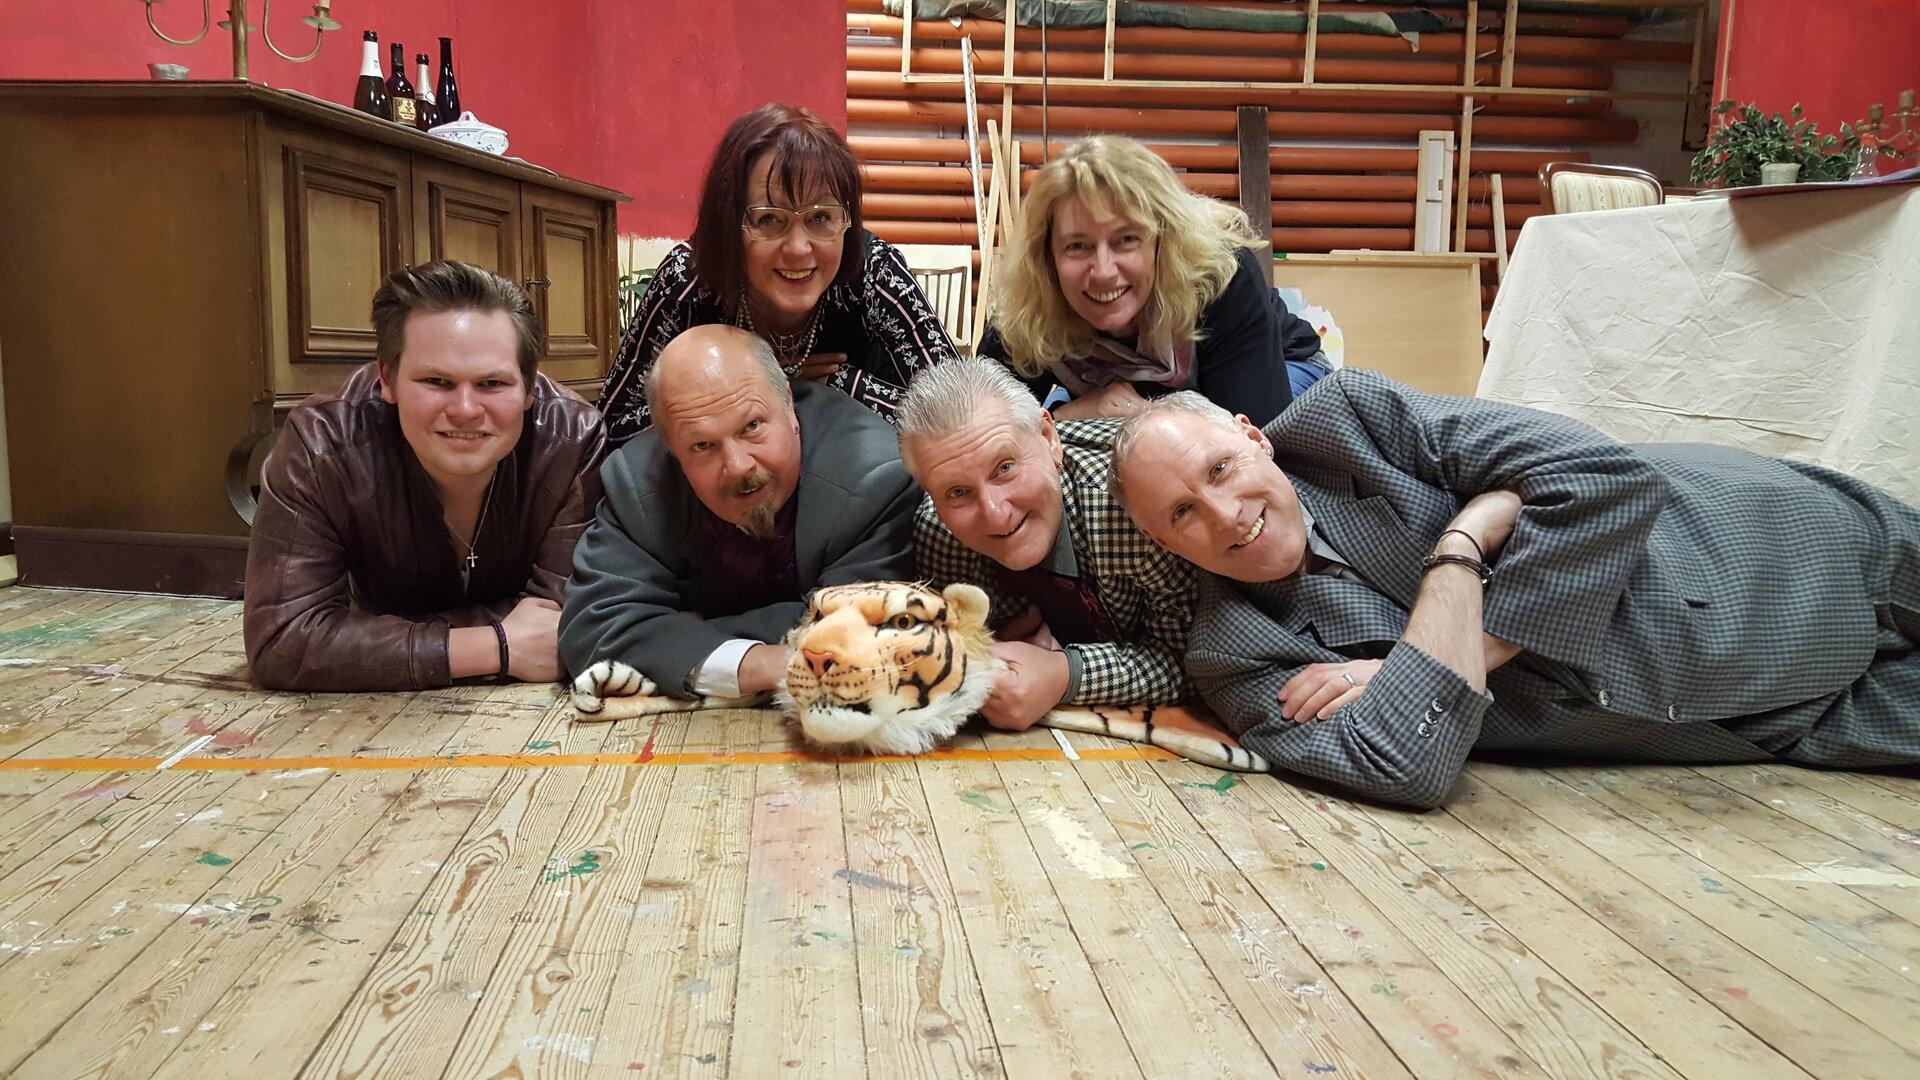 Gruppenbild mit Tiger (von links): Malte Tönjes, Dieter Hattermann, Heike Müller-Feldmann, Andree Uphoff, Regisseurin Teelke Budde und Hero Kruse. Fotos: Martens